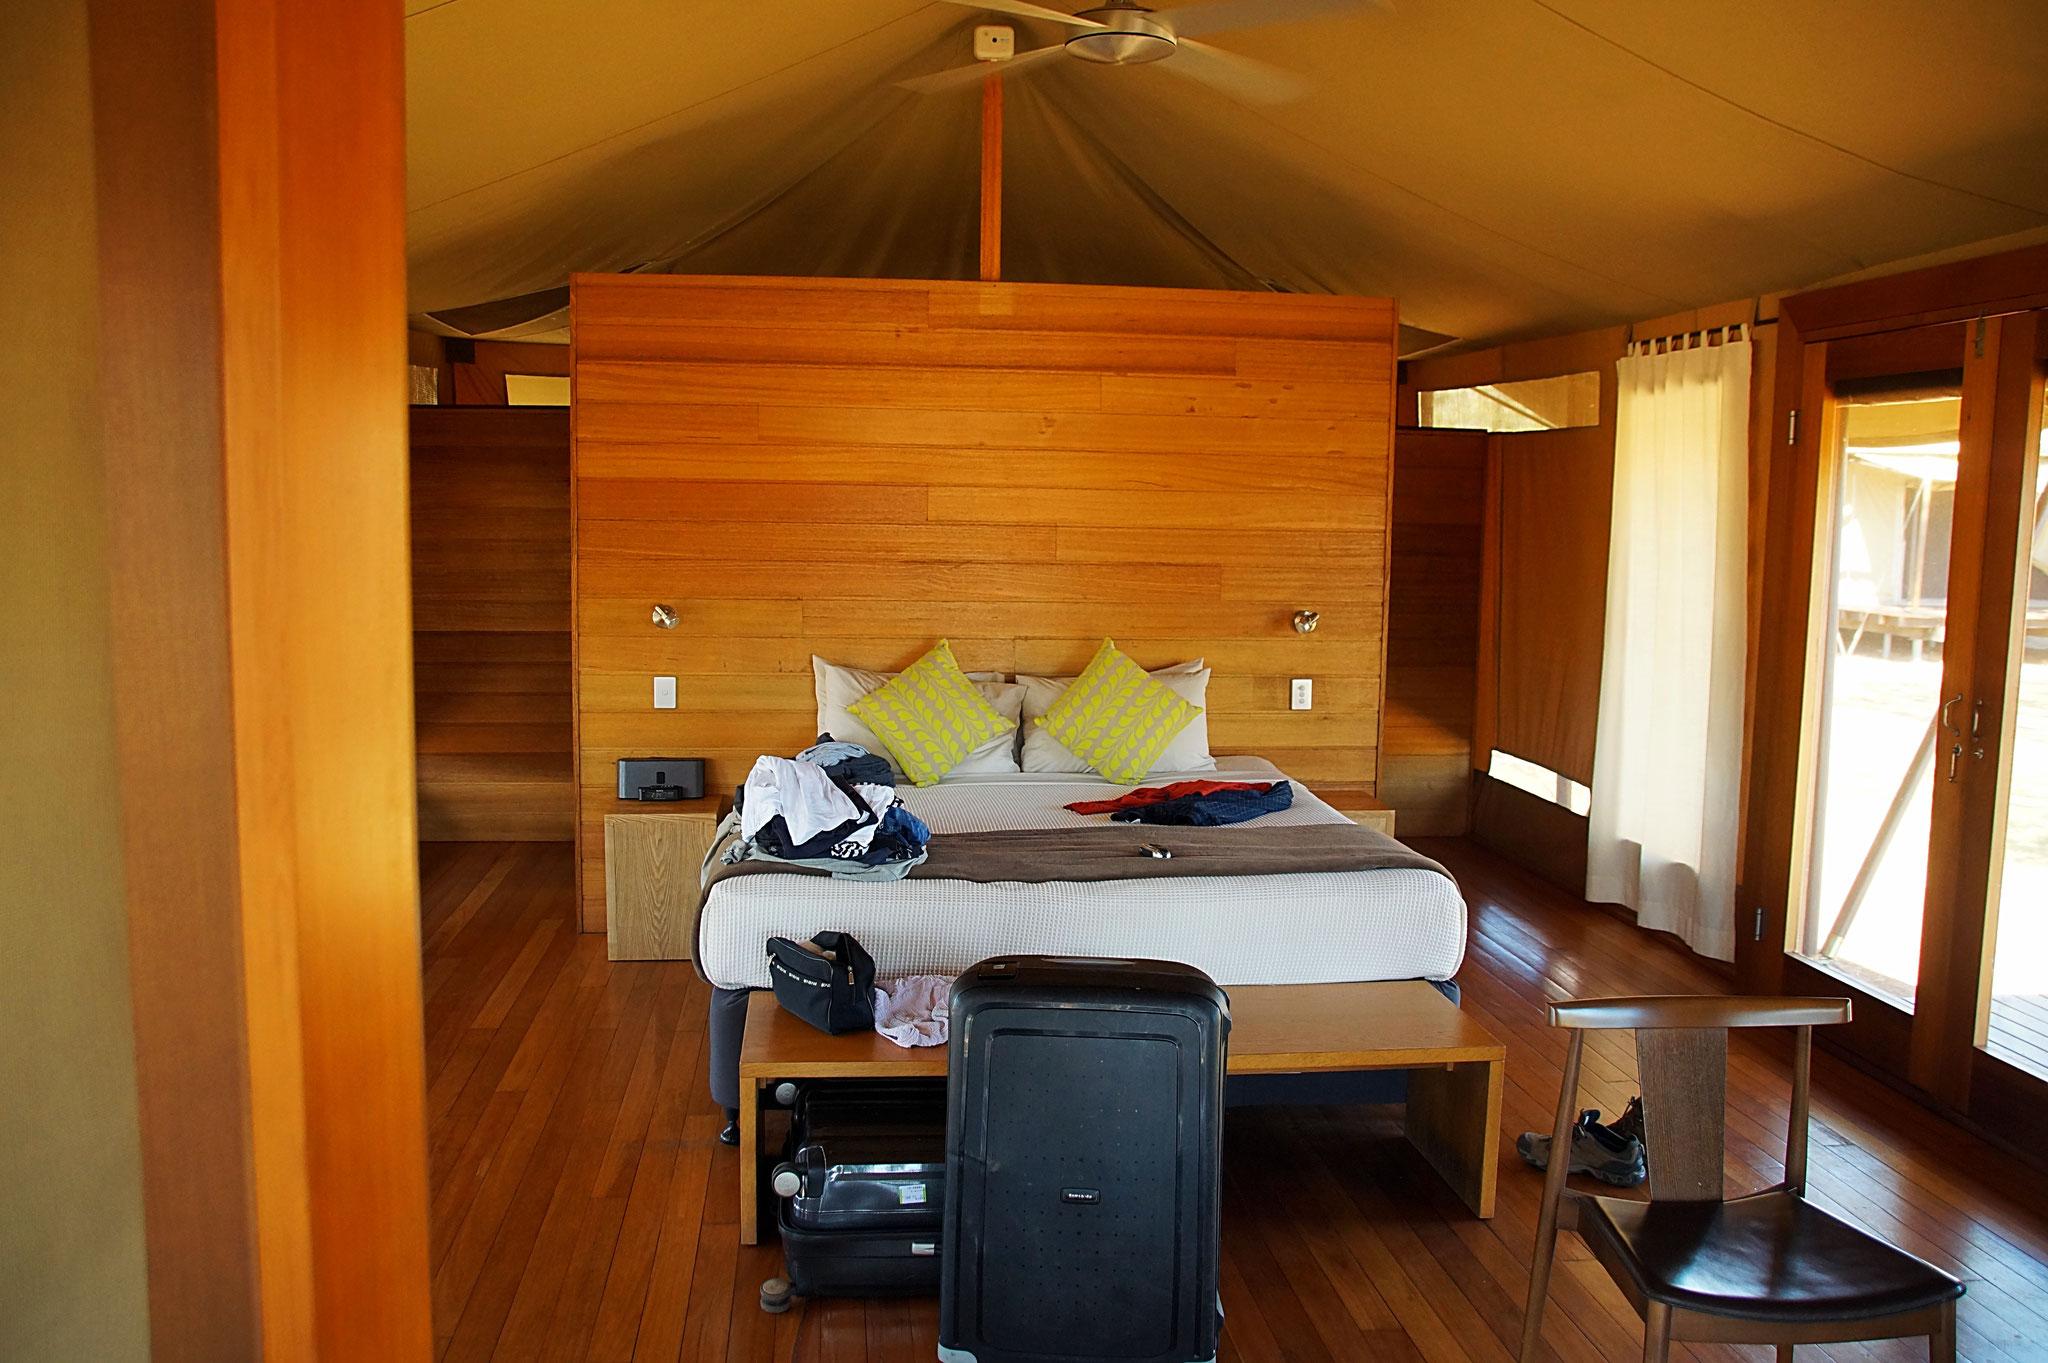 Luxuriöses Schlafzimmer im Zelt, dahinter das Bad.